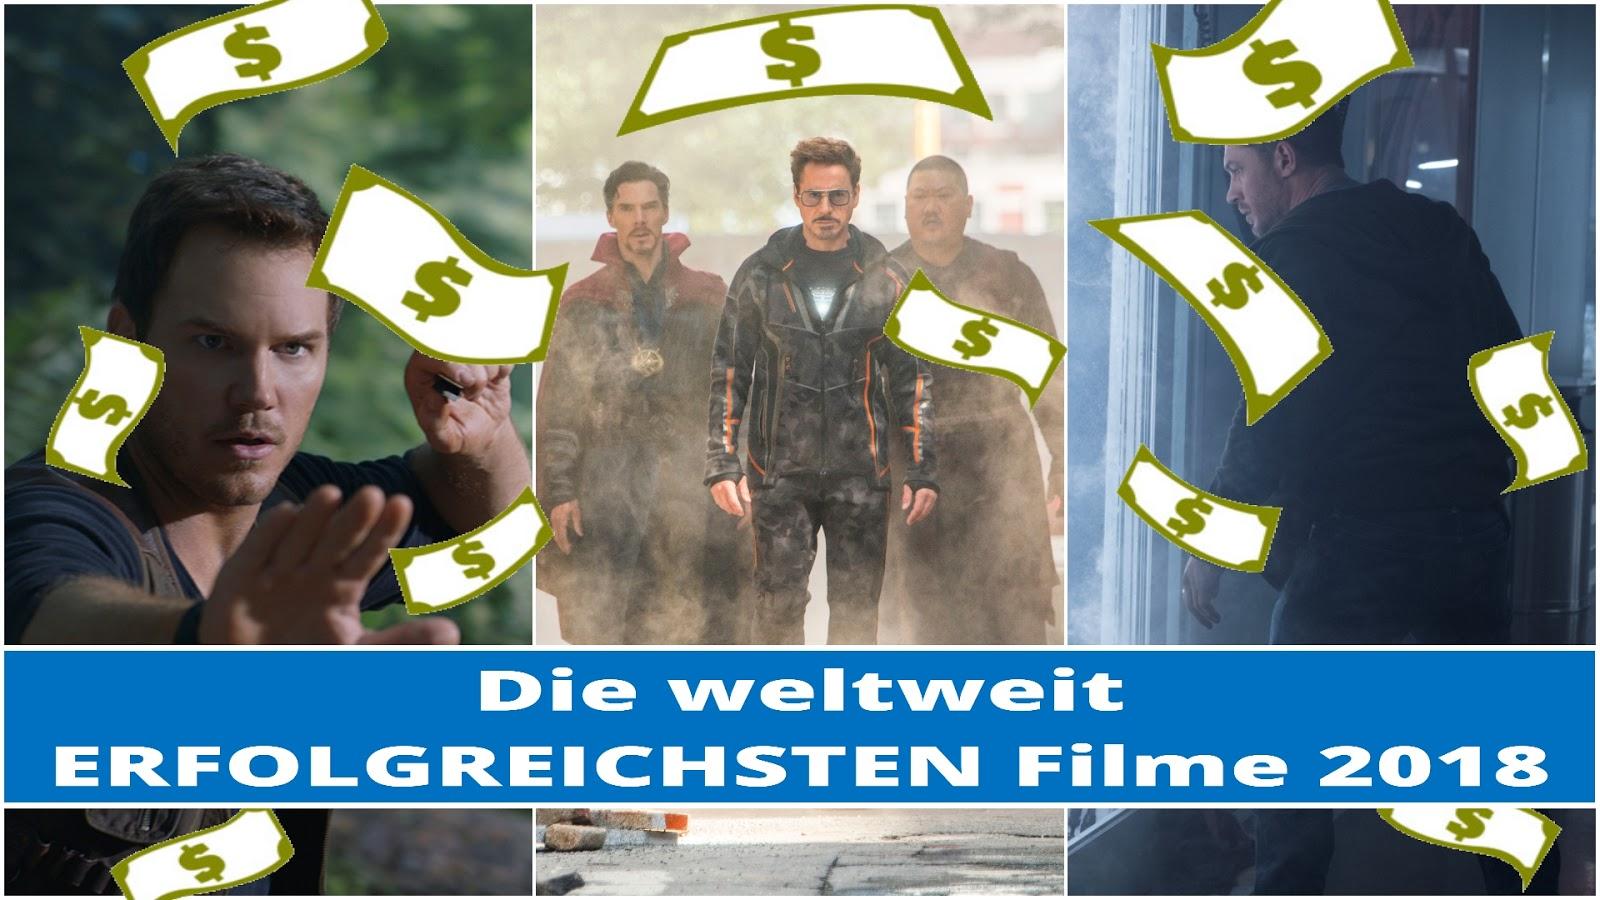 weltweit erfolgreichste filme